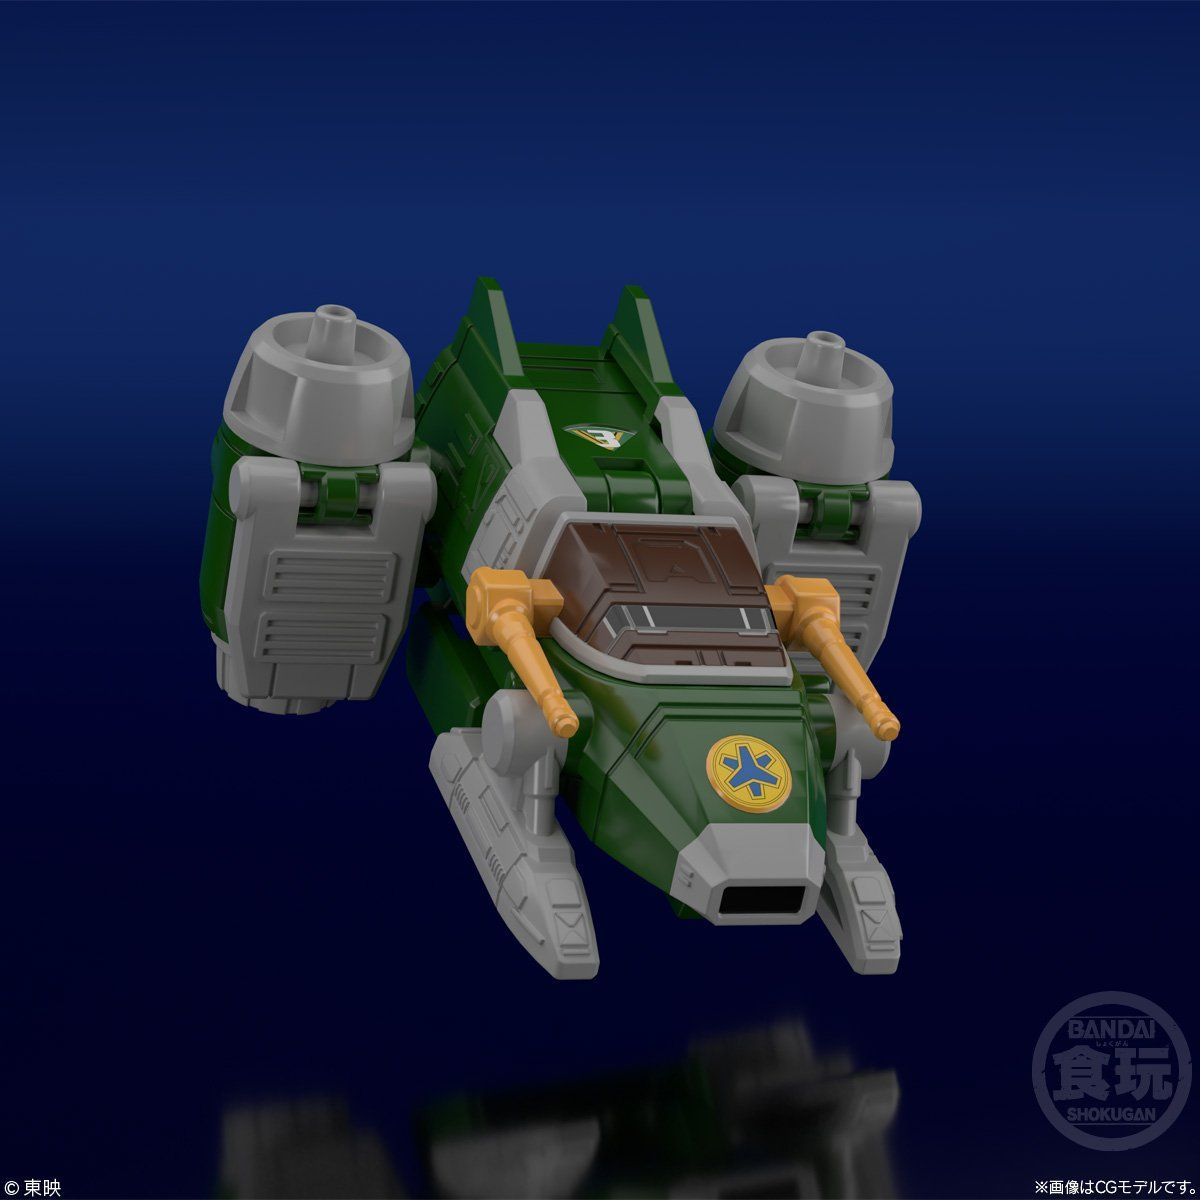 【食玩】スーパーミニプラ『緊急合体 ビクトリーロボ』救急戦隊ゴーゴーファイブ プラモデル-004